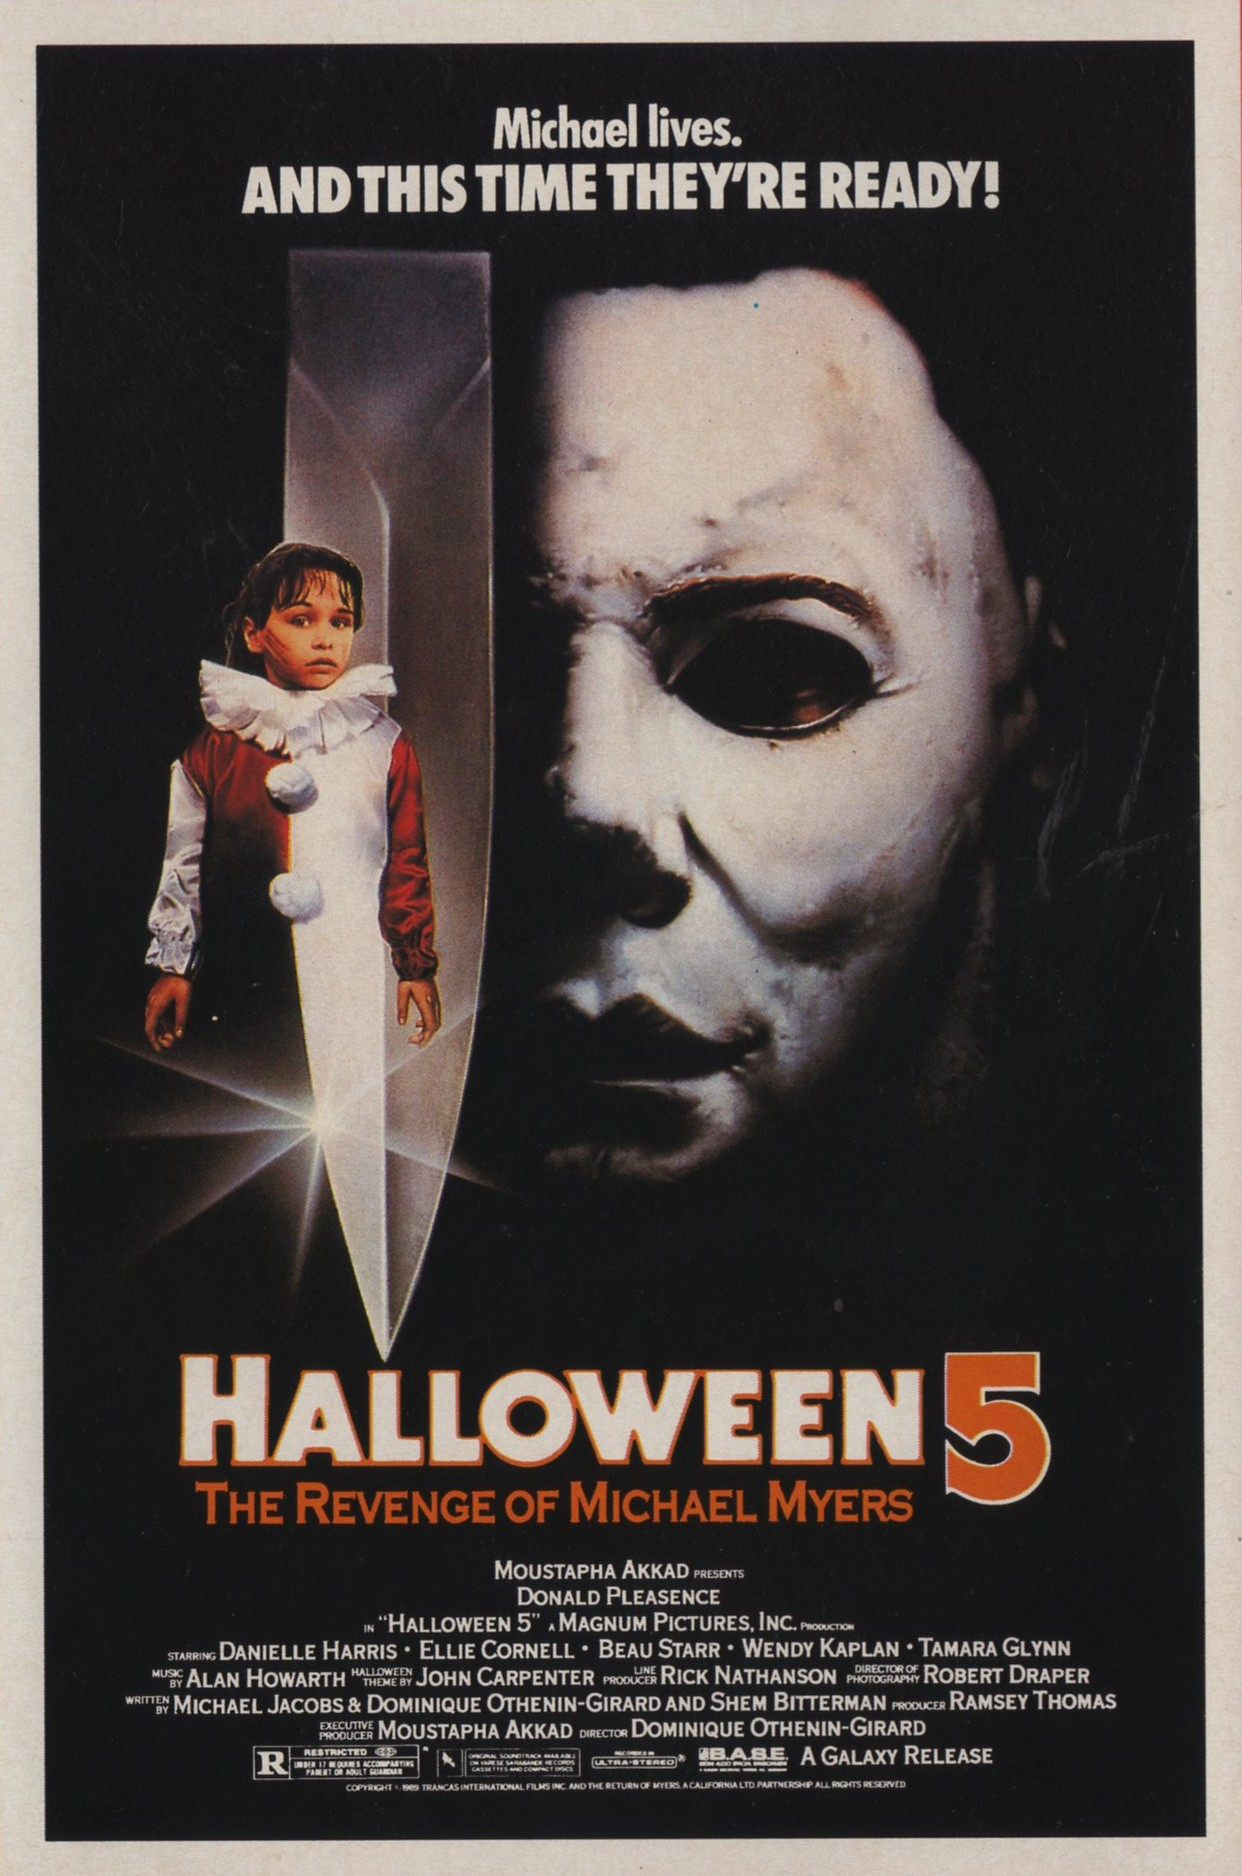 Halloween 5 (1989) de Dominique Othenin-Girard